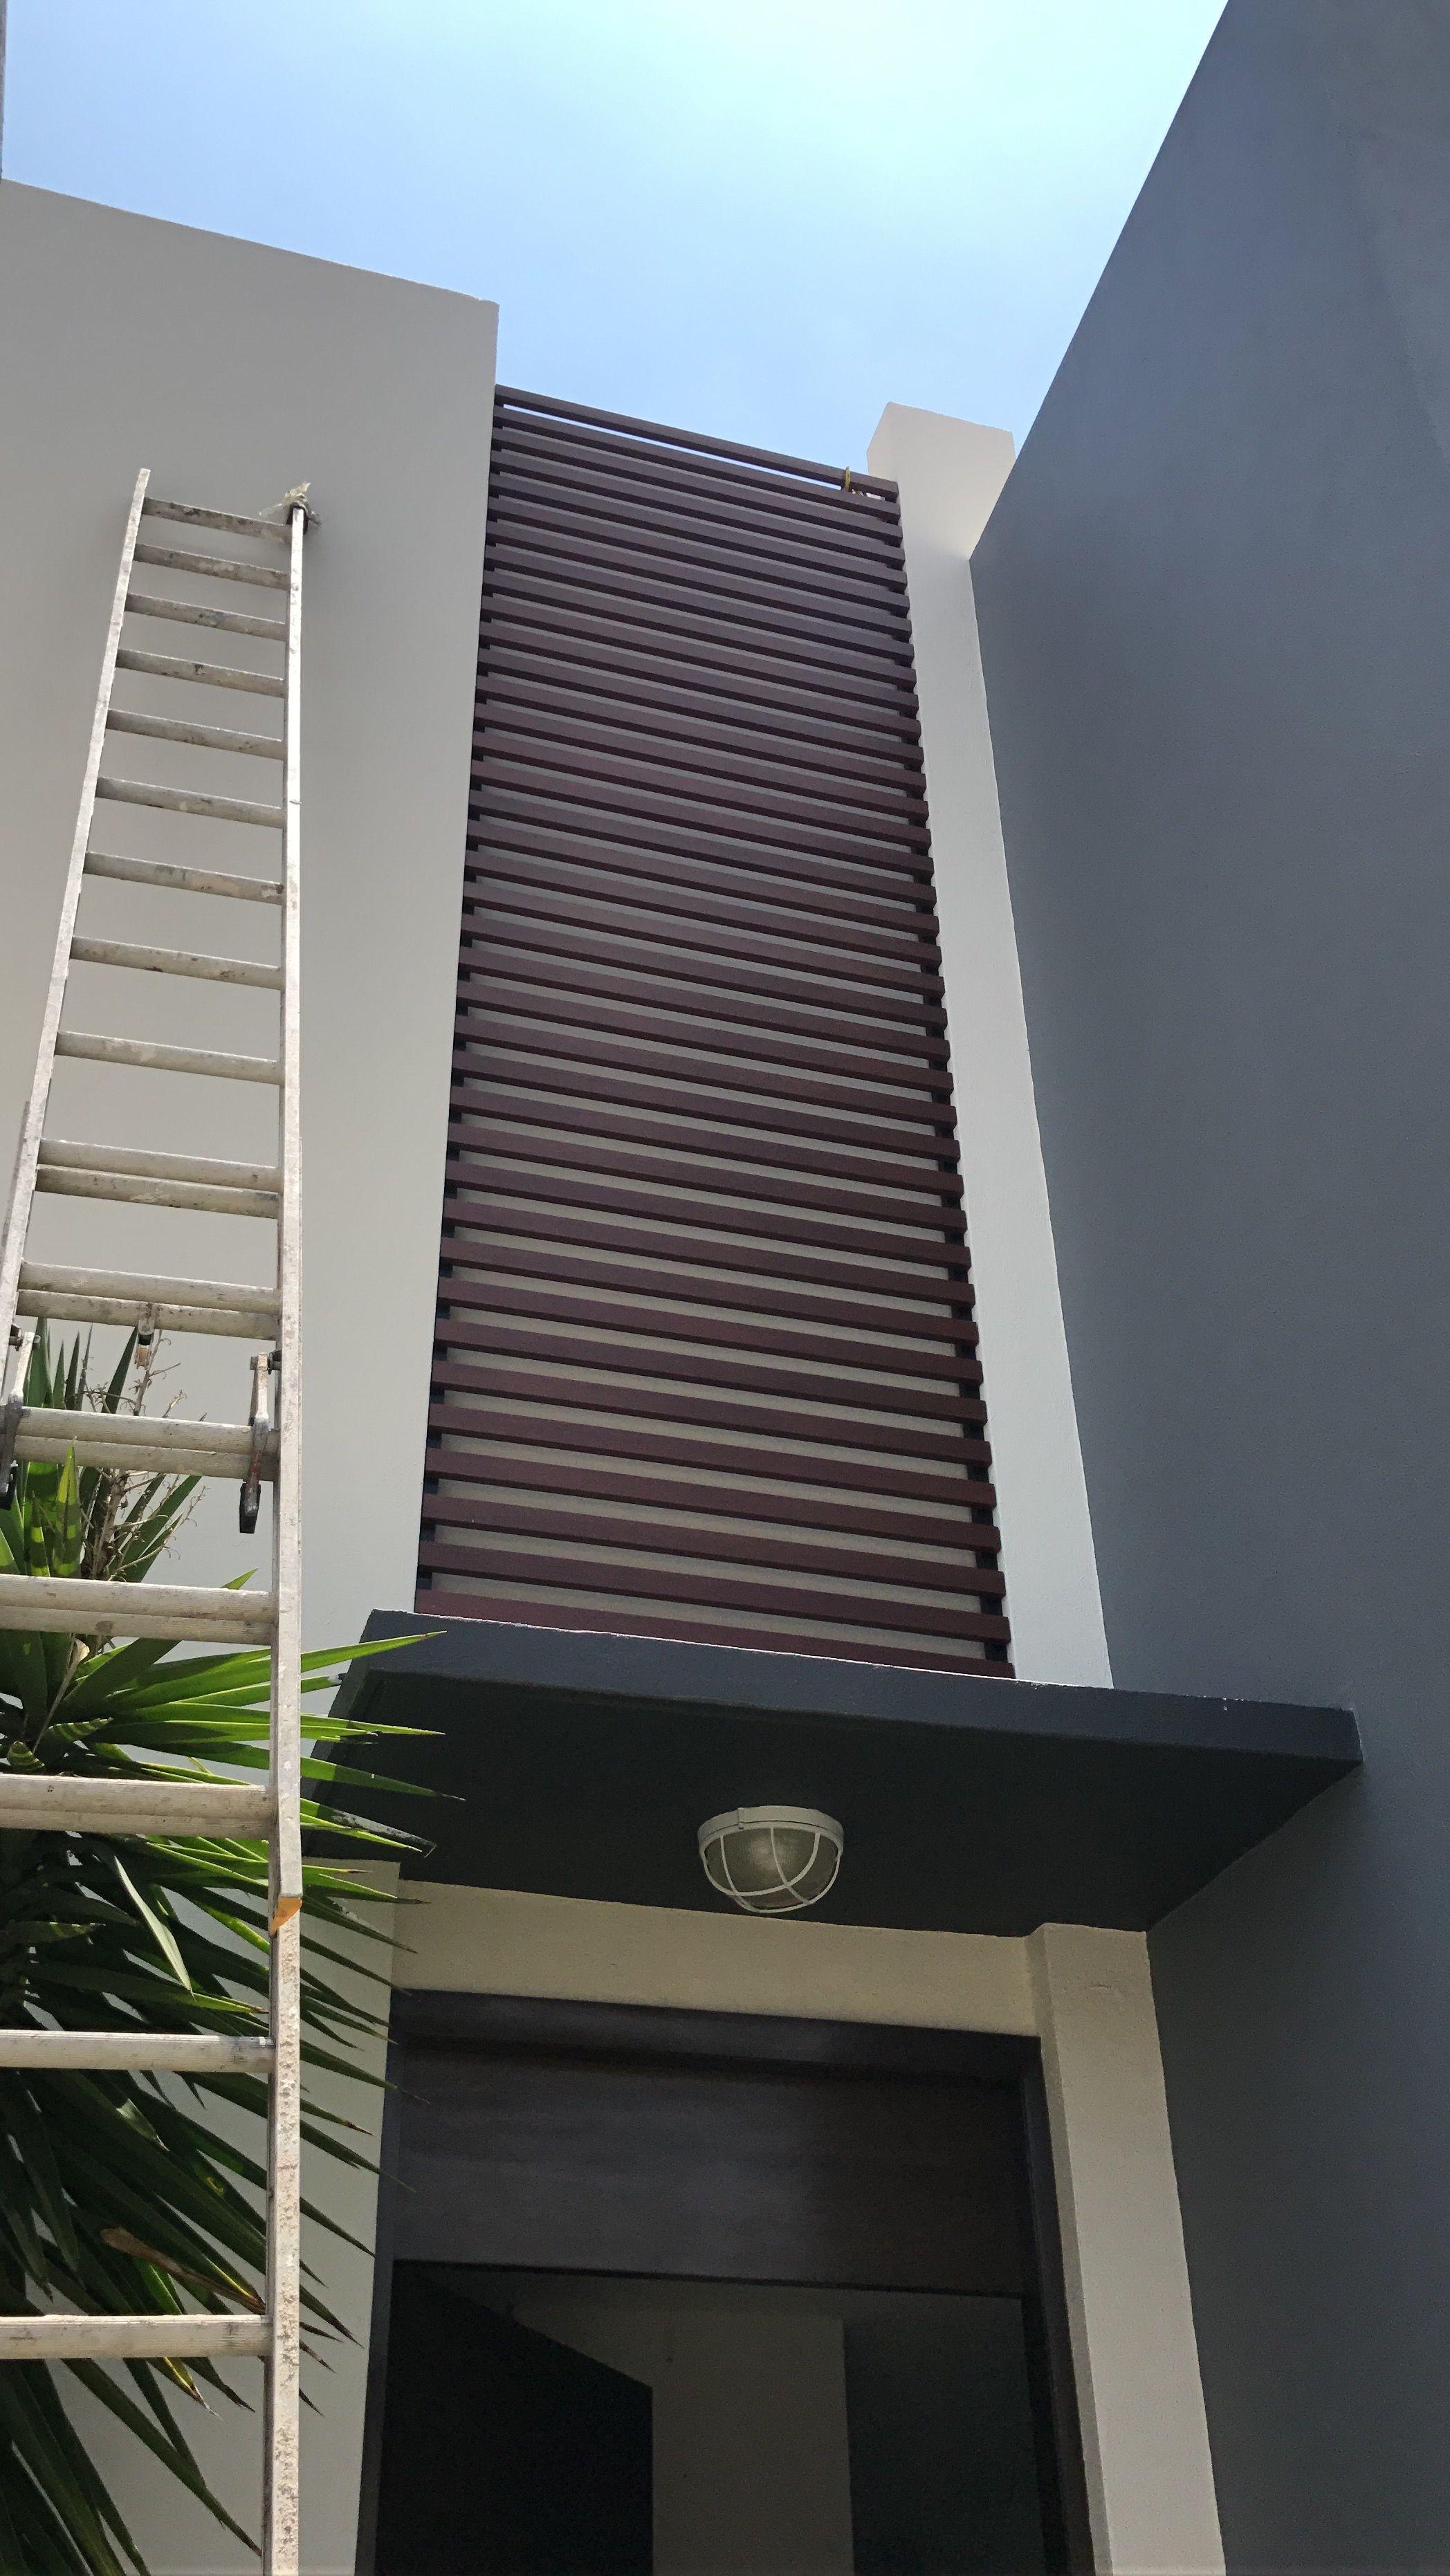 Celos a louvers fabricada en aluminio imitaci n madera - Imitacion madera para fachadas ...